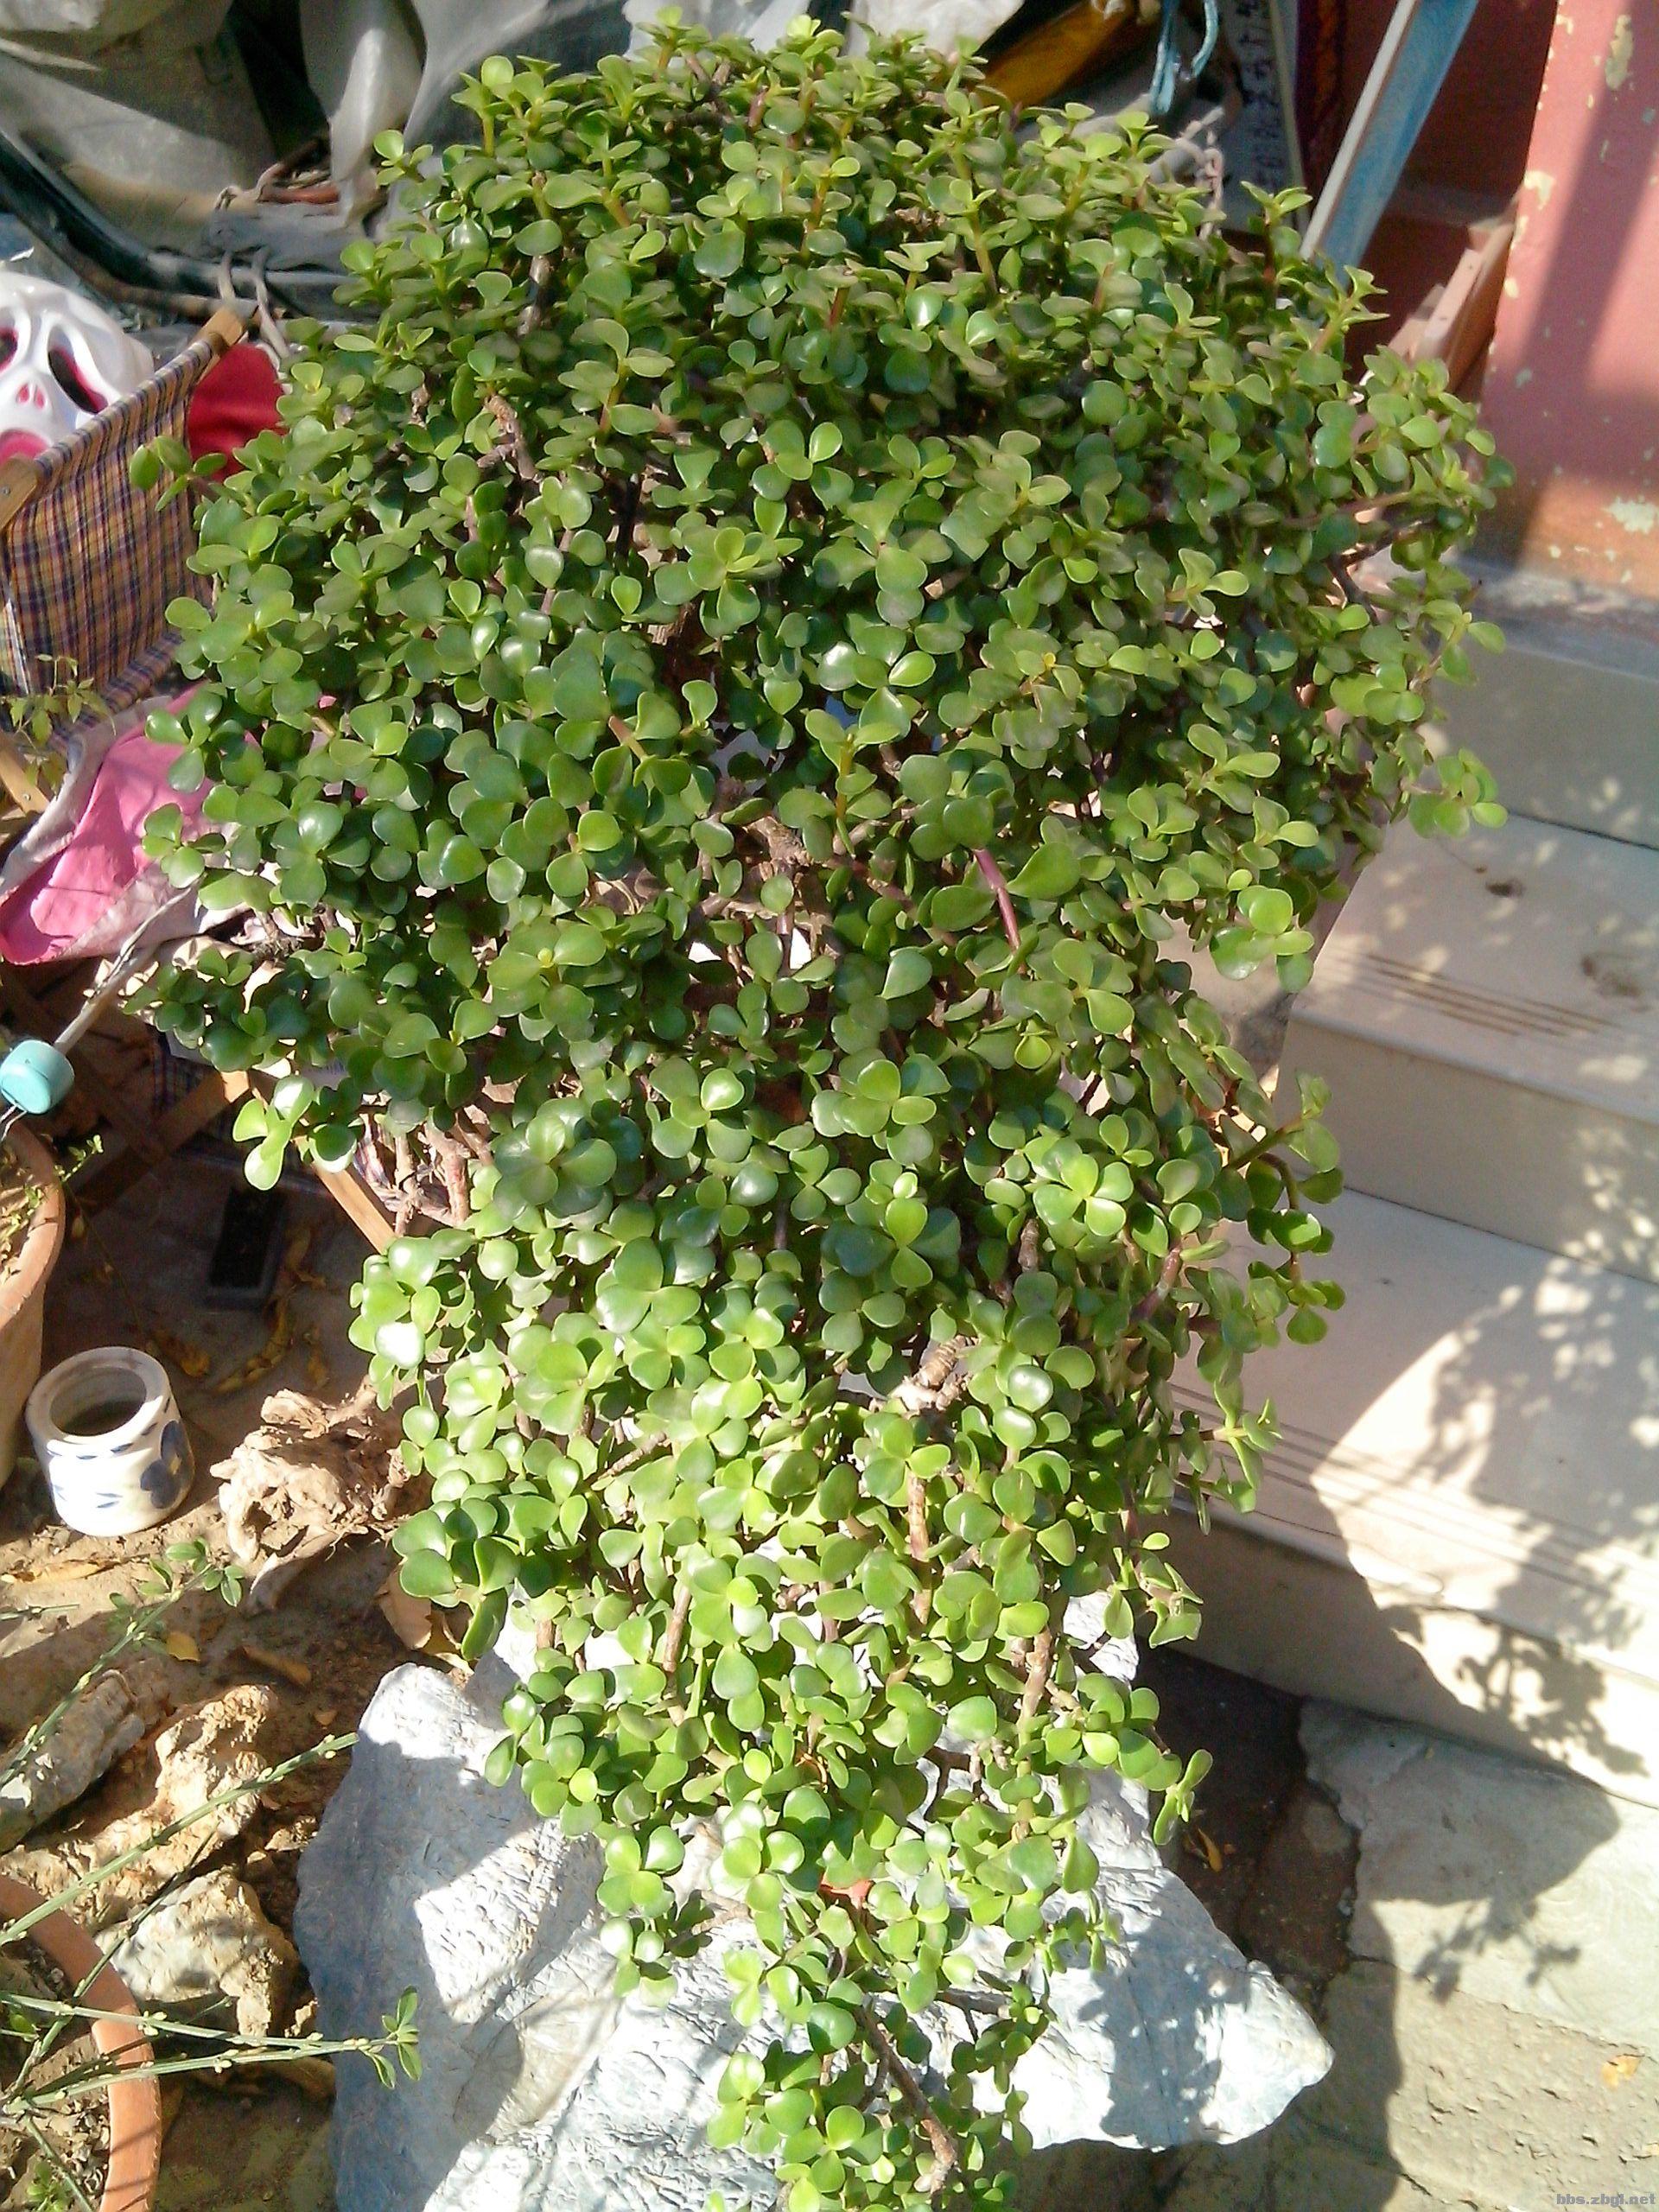 金枝玉叶盆景鸟语花香.我的金枝玉叶开花了养花吧.这个植物